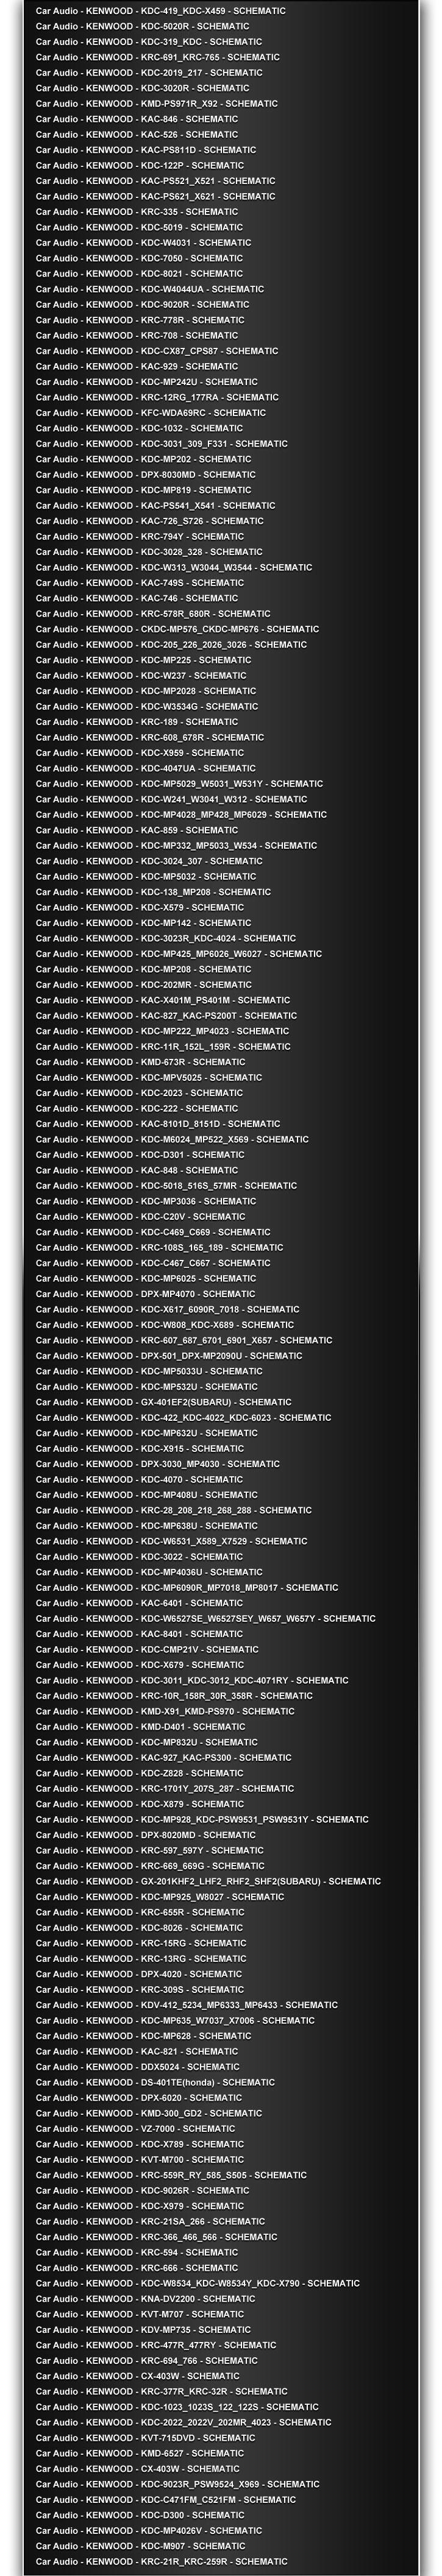 2011 06 15 GPGWORKSHOP V18 part1 725 6